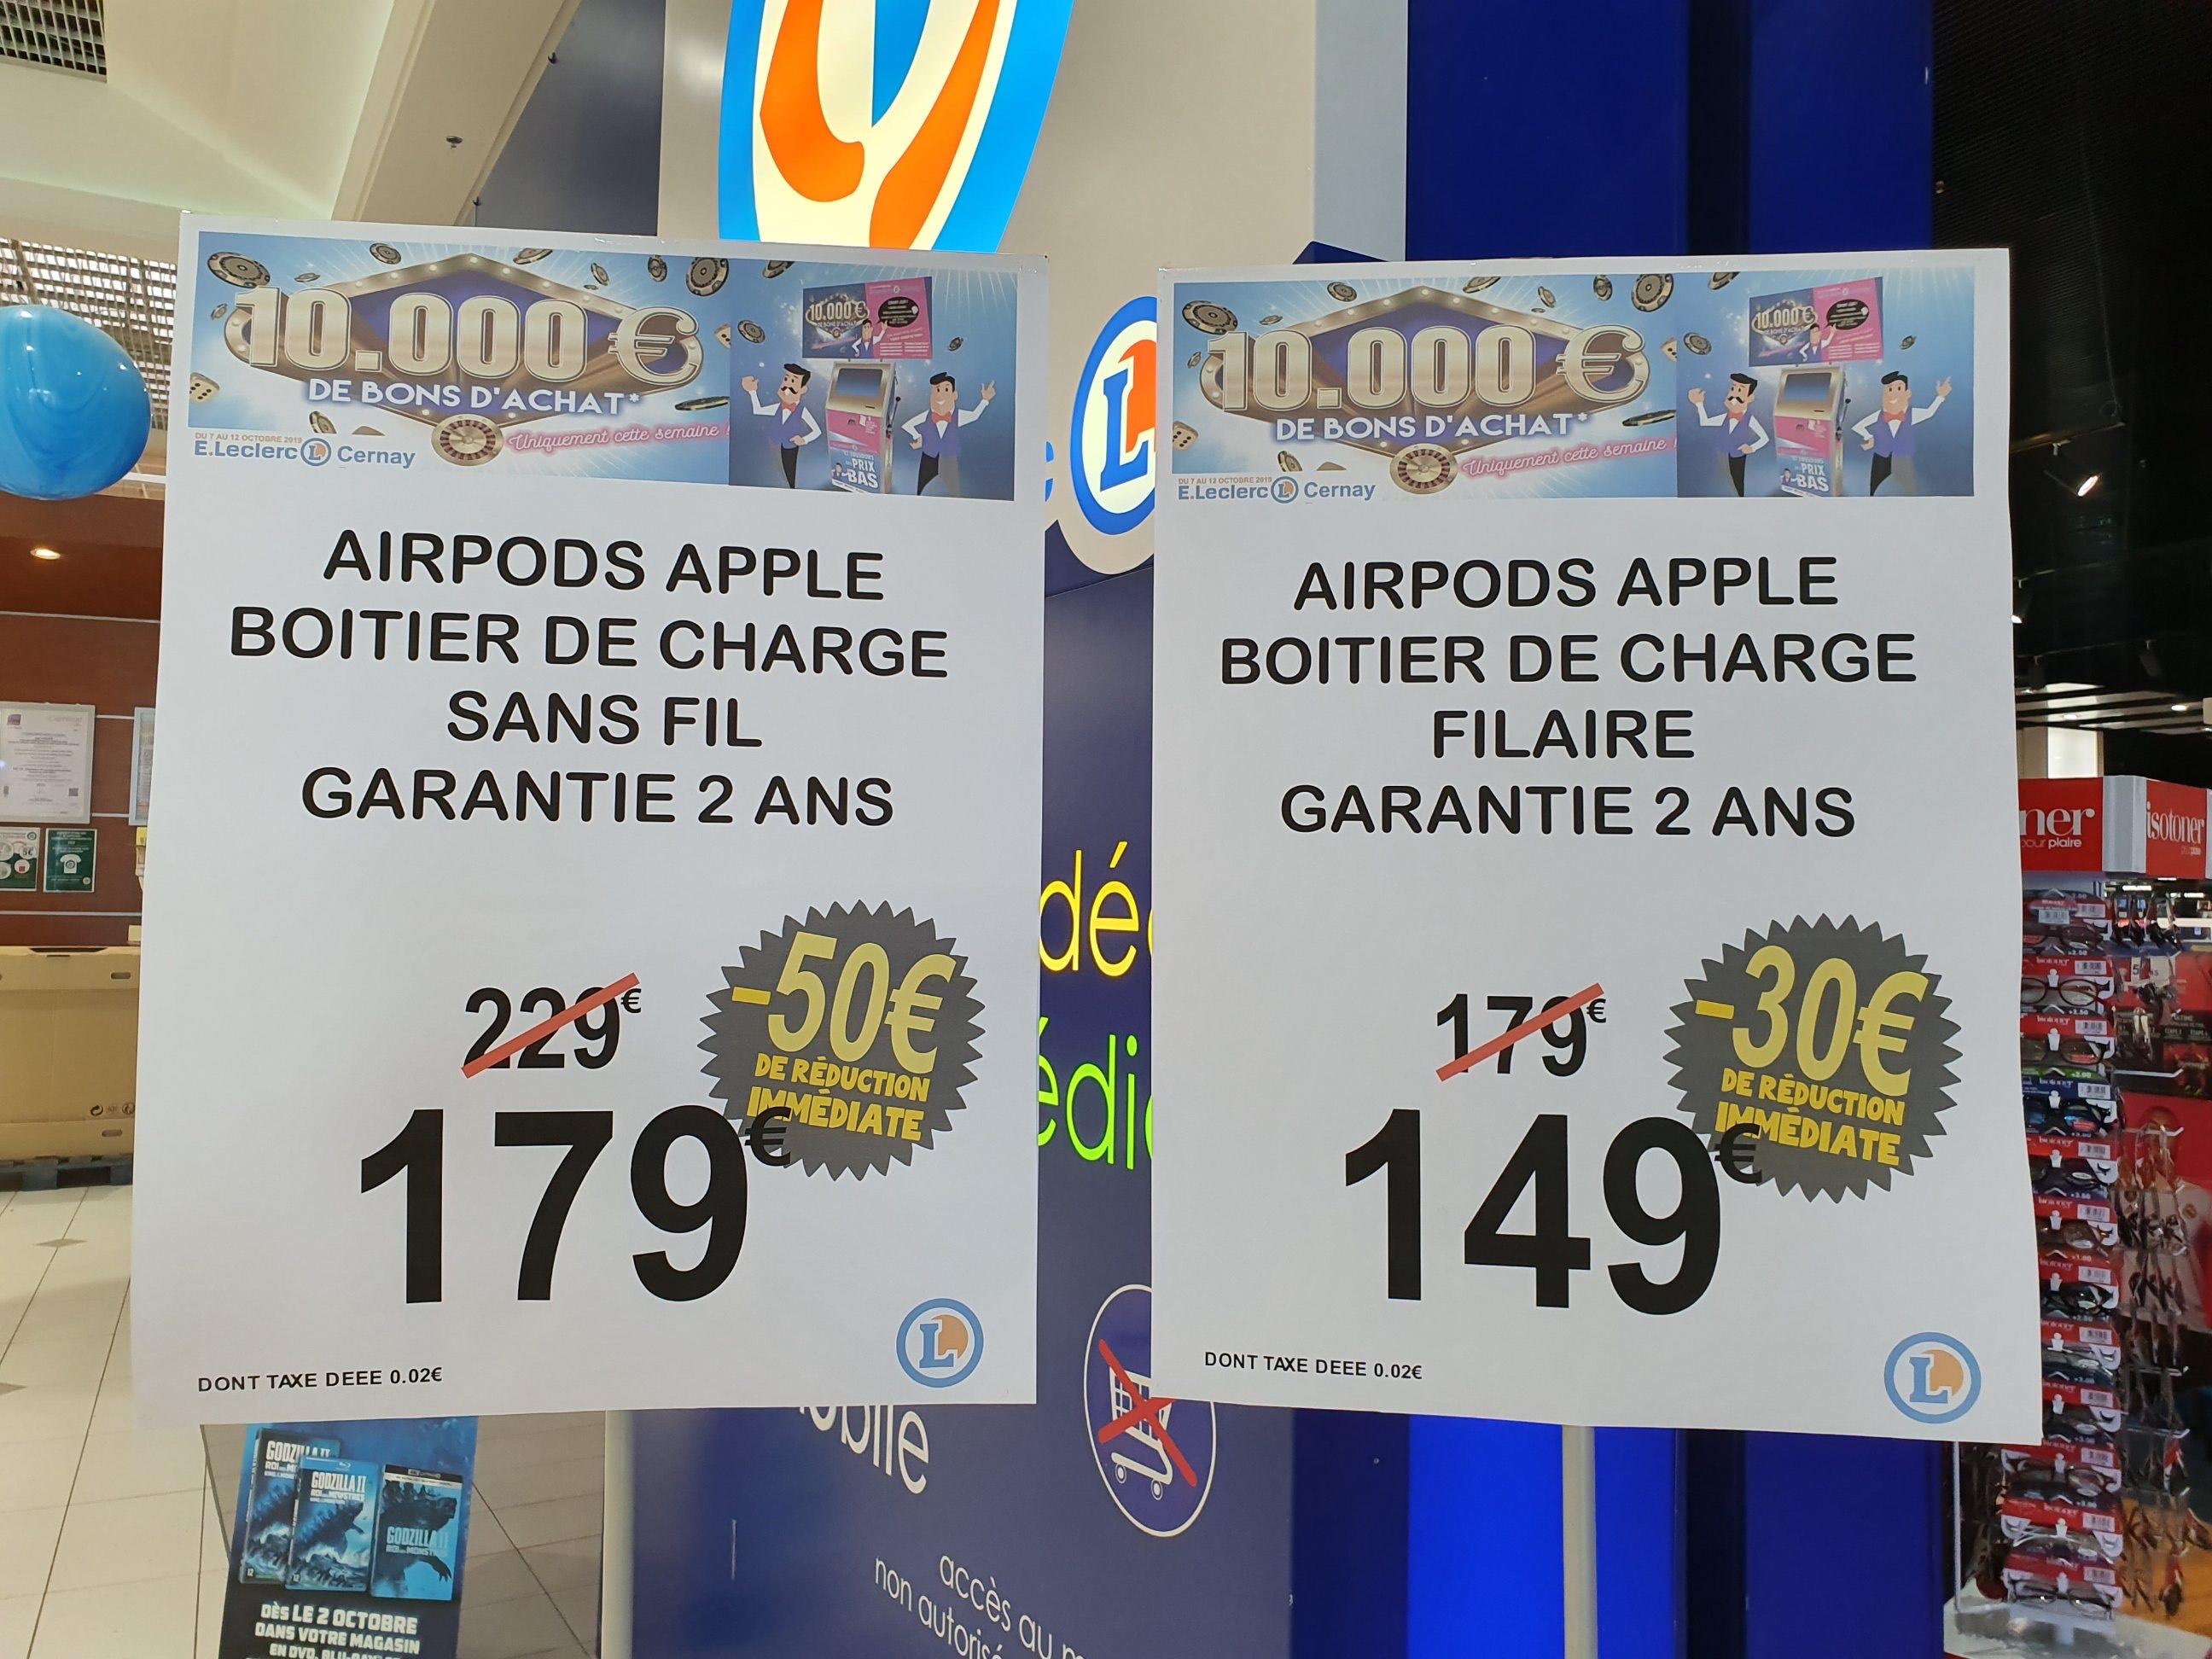 Écouteurs Intra-auriculaires sans-fil Apple AirPods 2 avec Boîtier de Charge Filaire à 149€ ou Sans-fil à 179€ - Cernay (68)